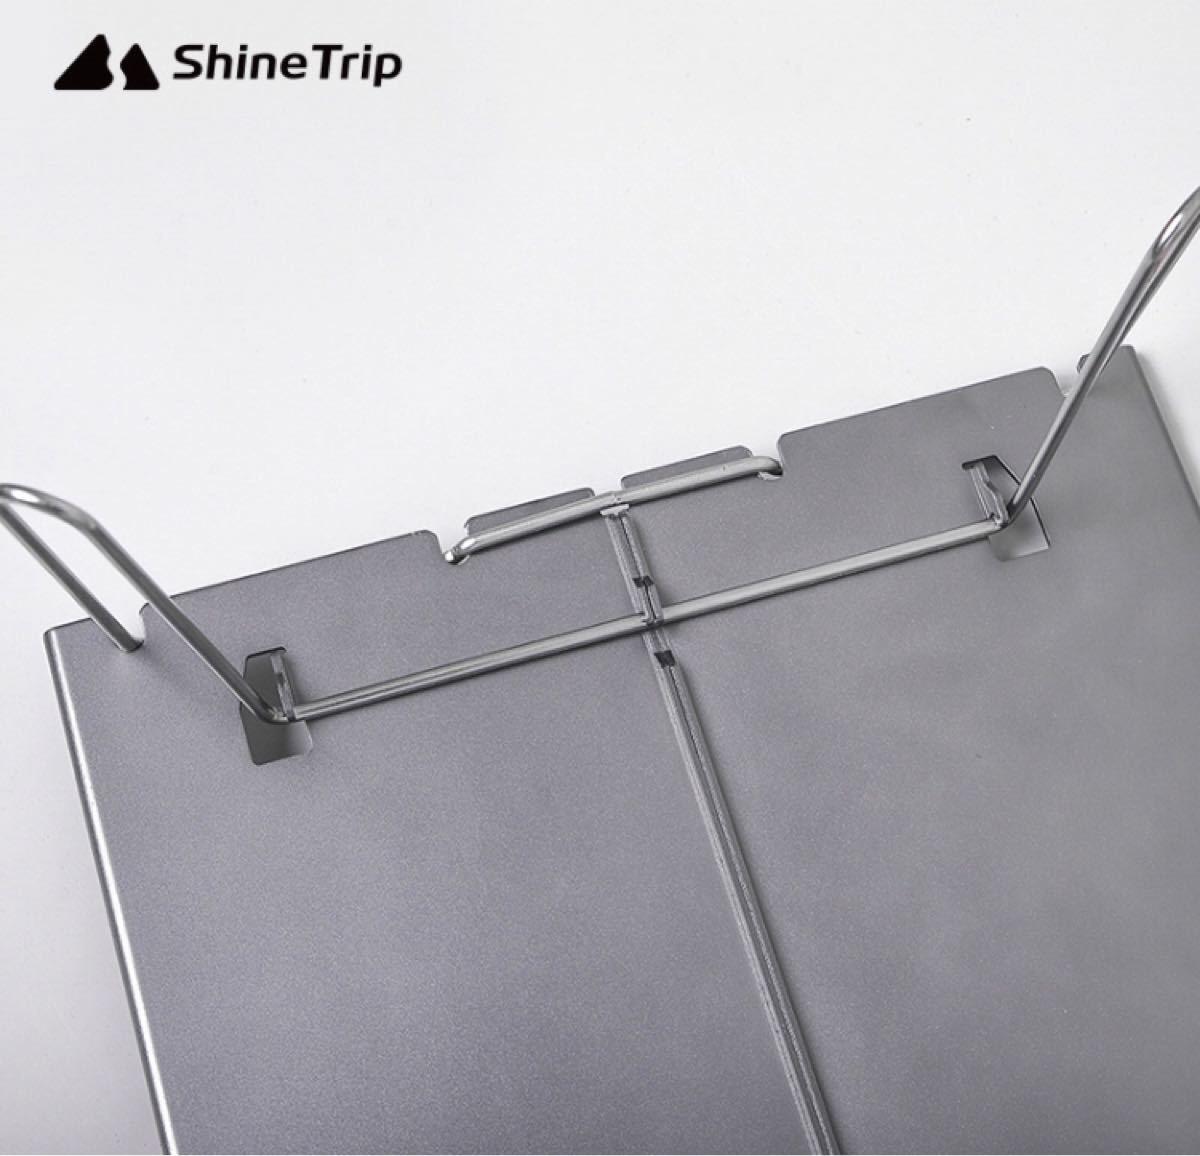 【軽量・組立式】アルミコンパクトテーブル ローテーブル アウトドアテーブル